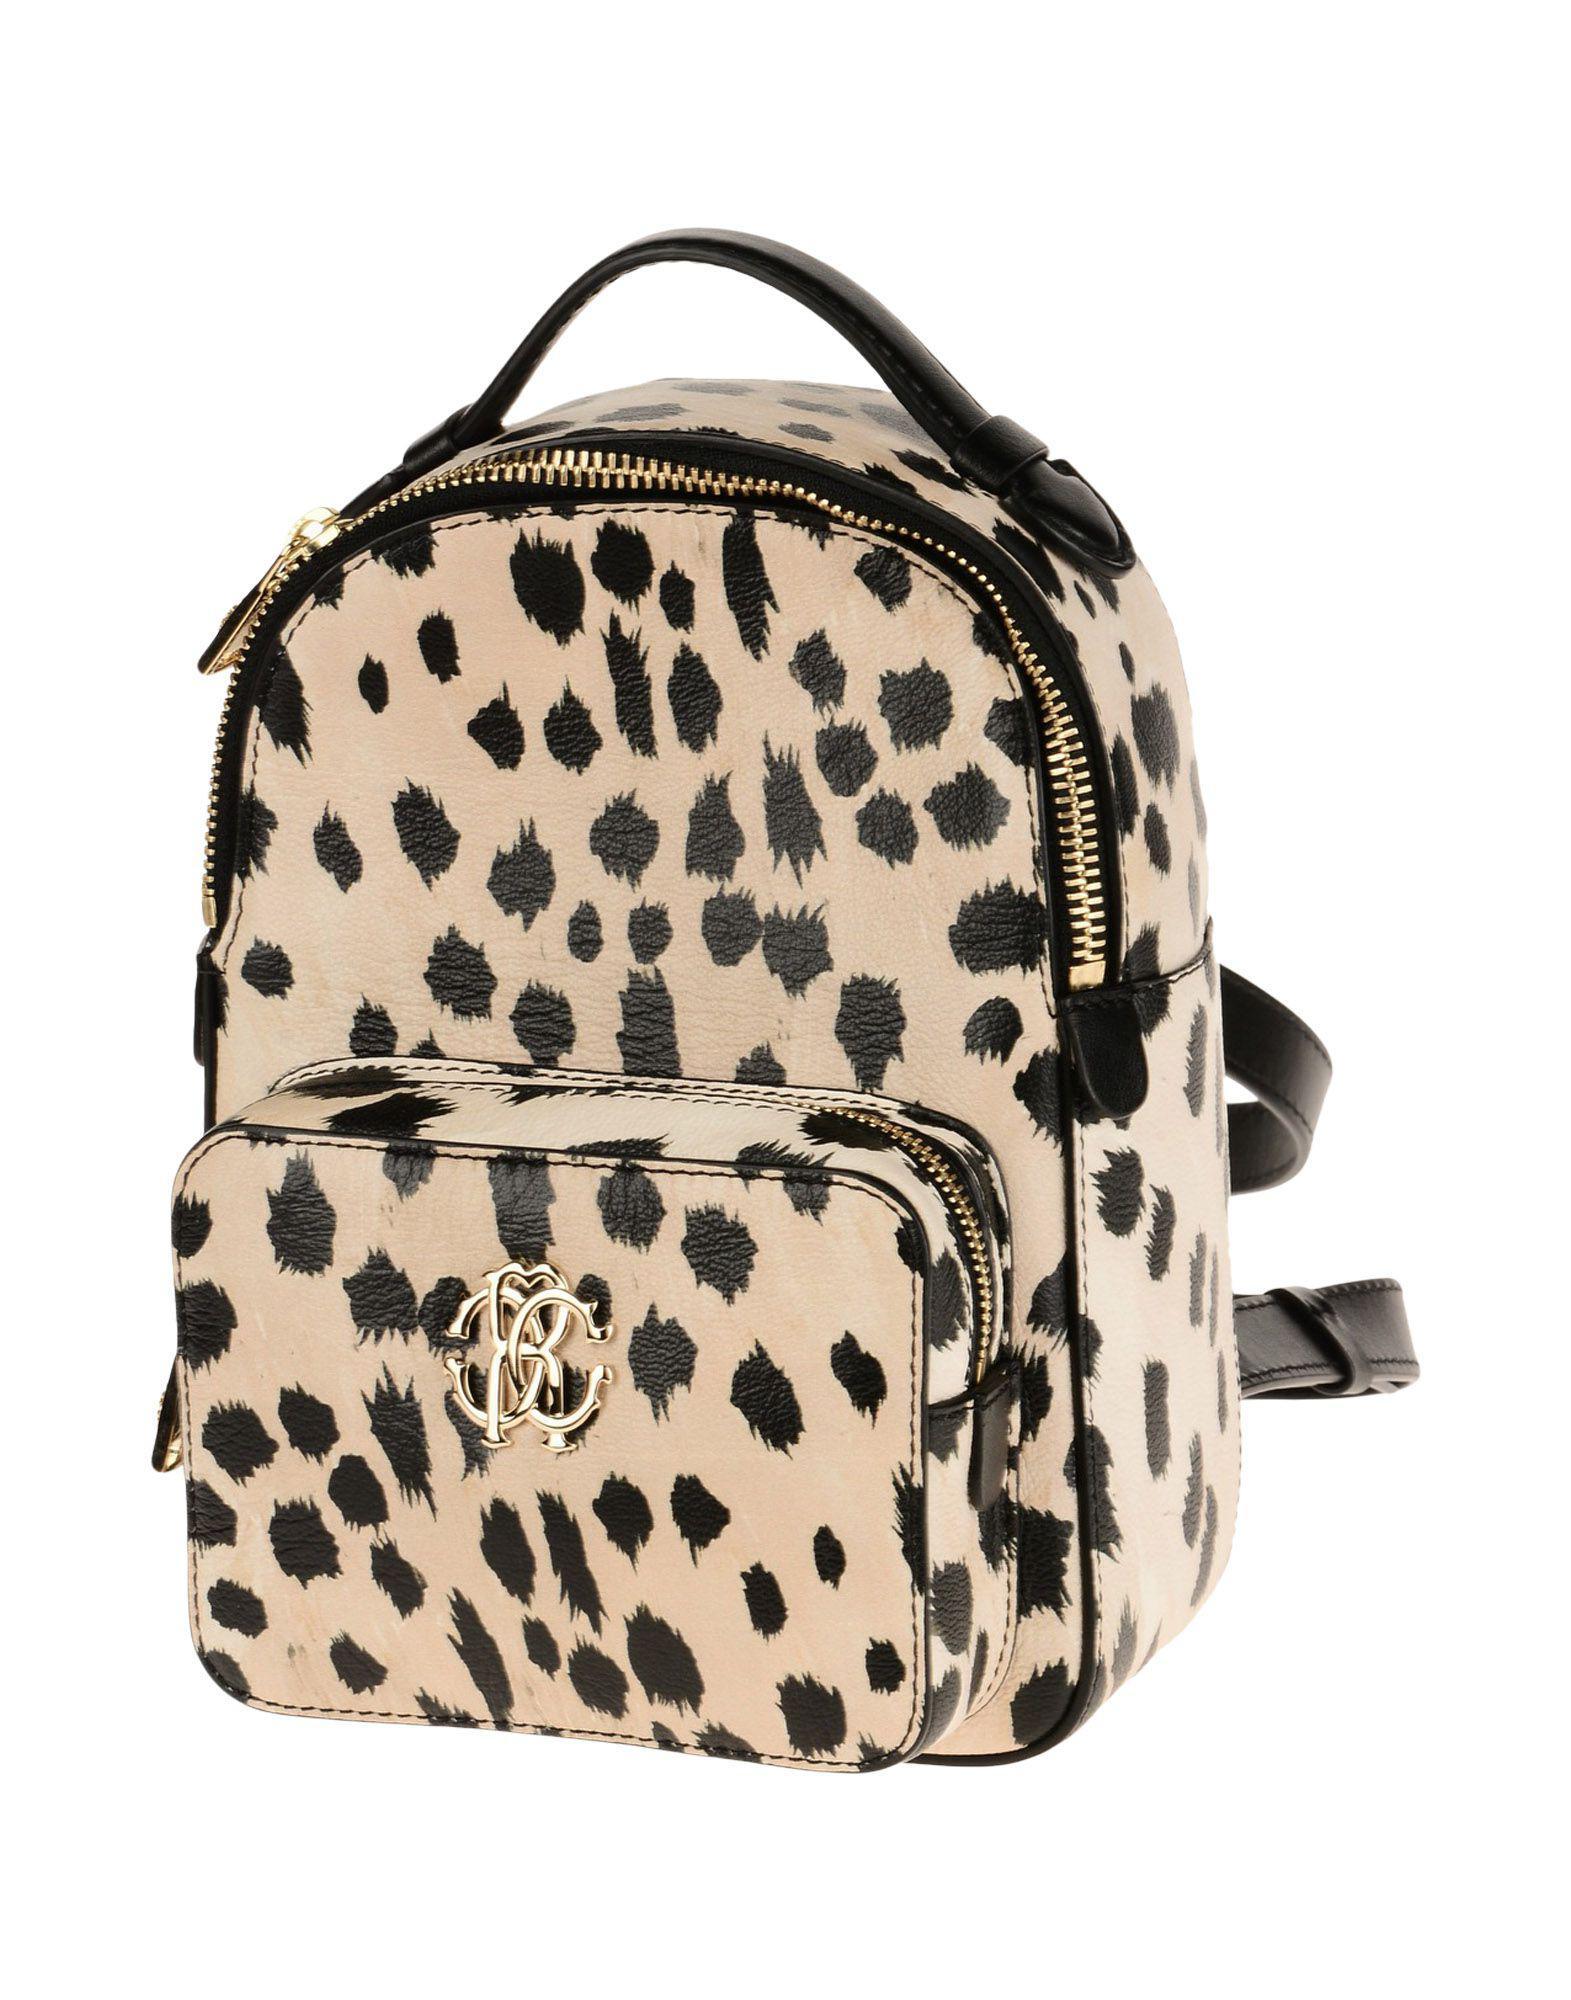 BAGS - Backpacks & Bum bags Roberto Cavalli BMUbrHY